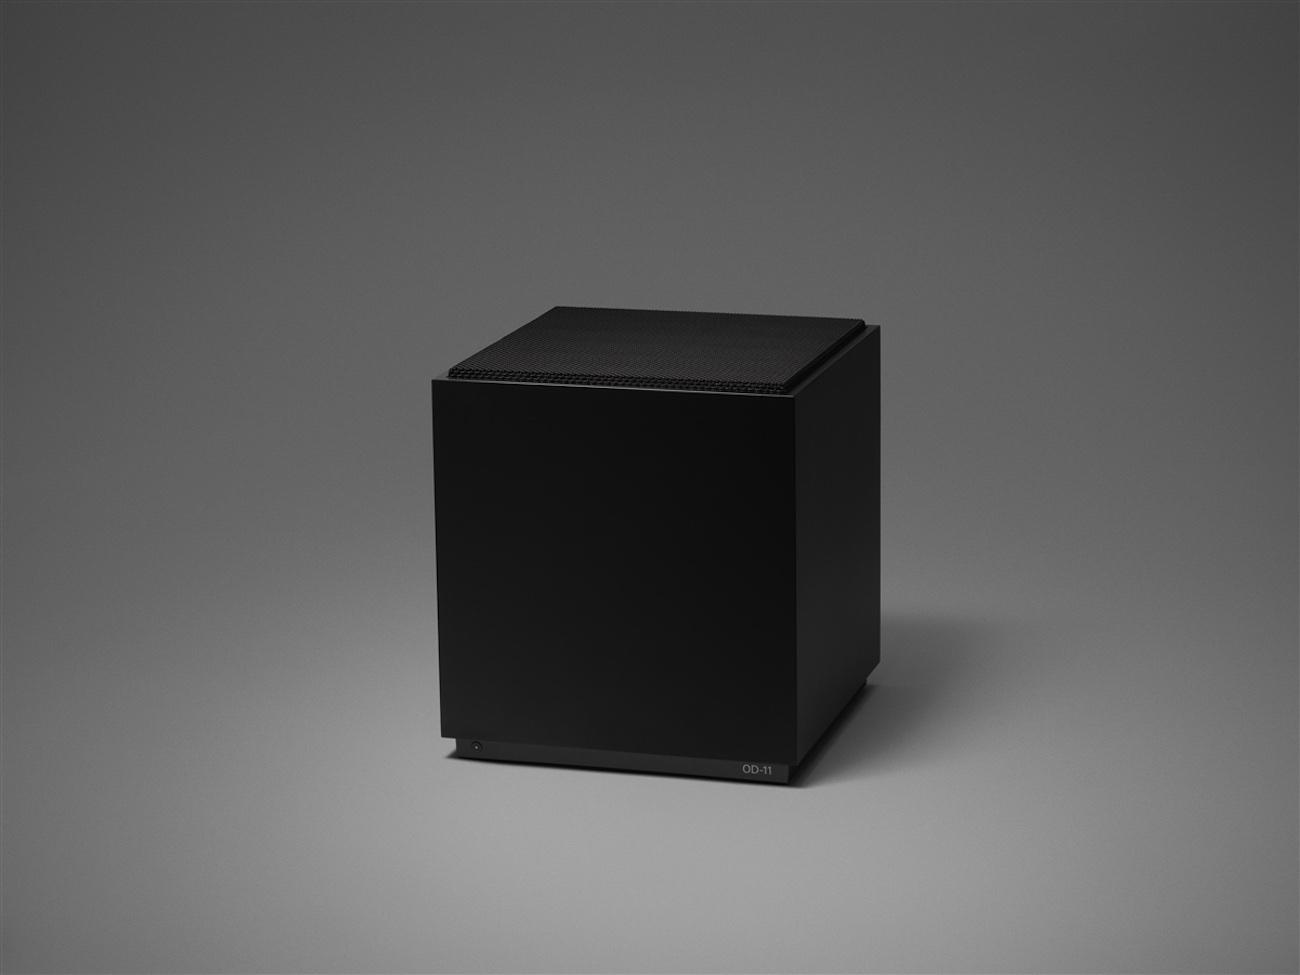 Teenage Engineering OD-11 Wireless Multi-Room Loudspeaker